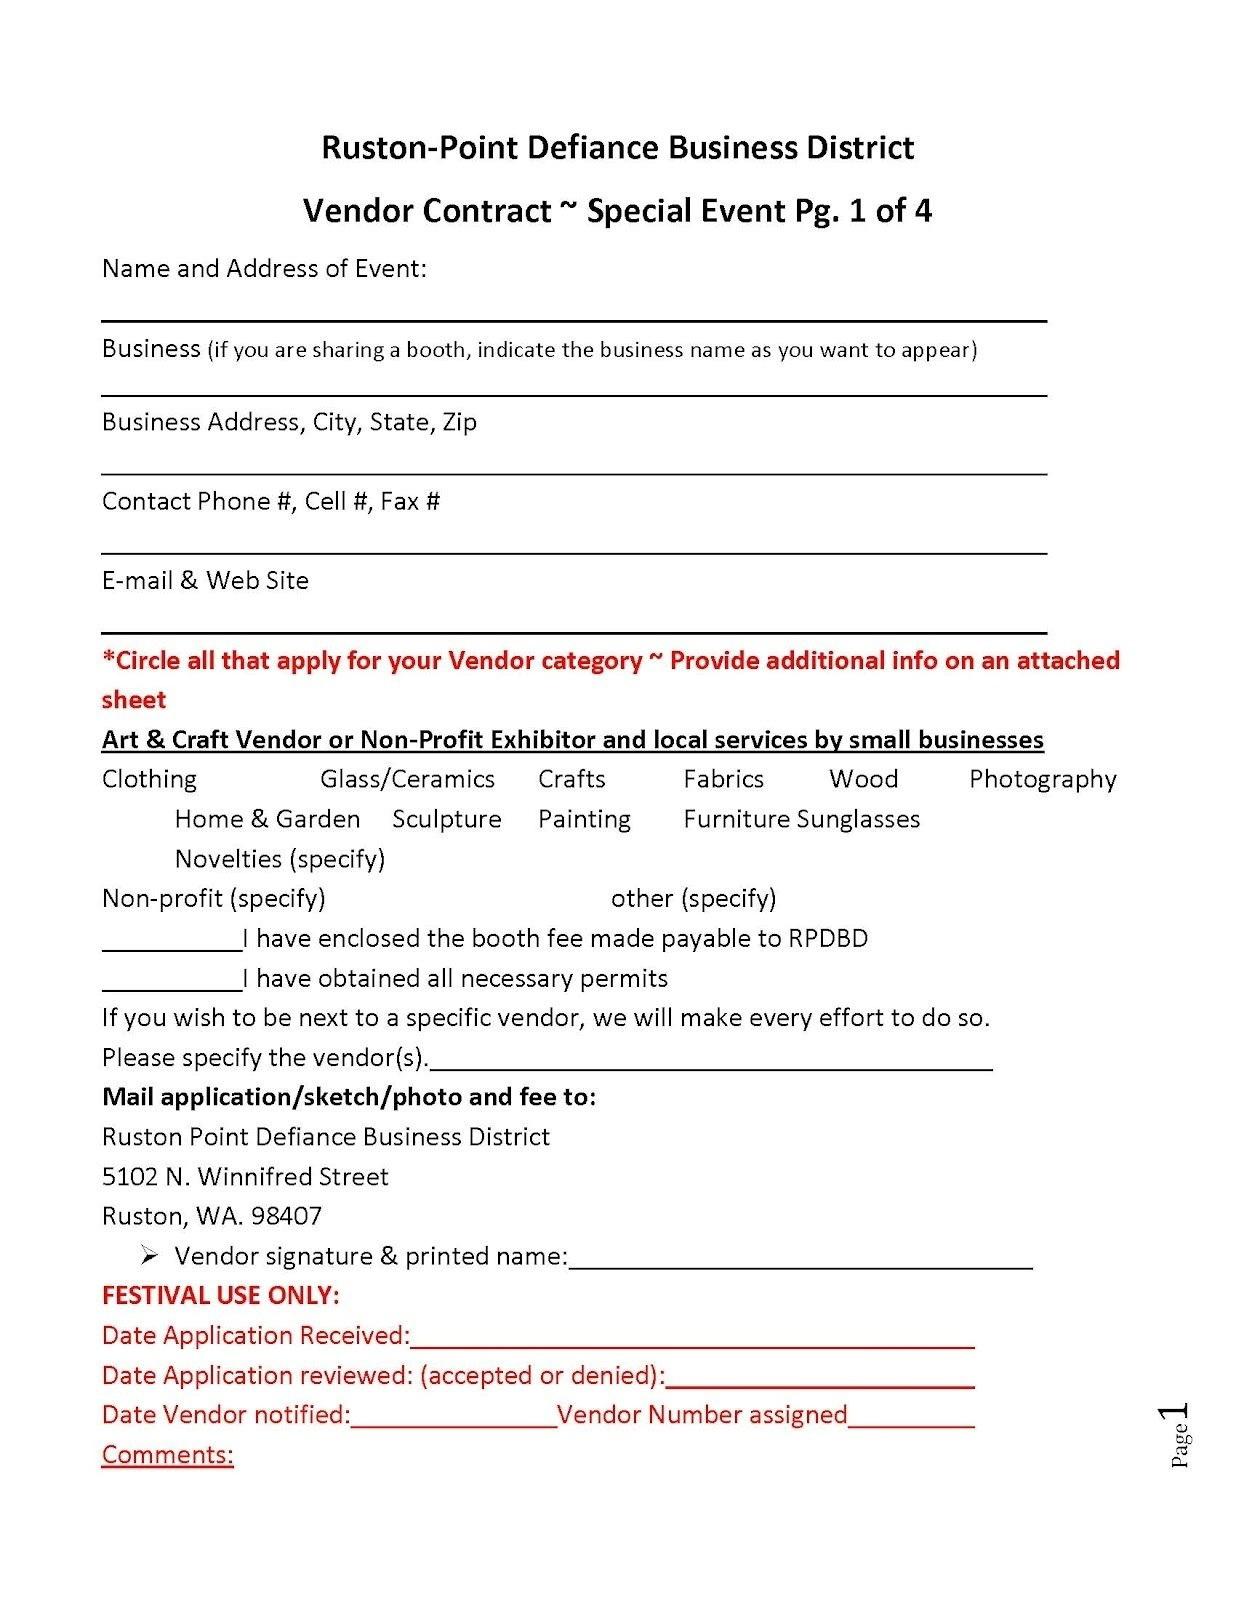 Vendor Event Application Template